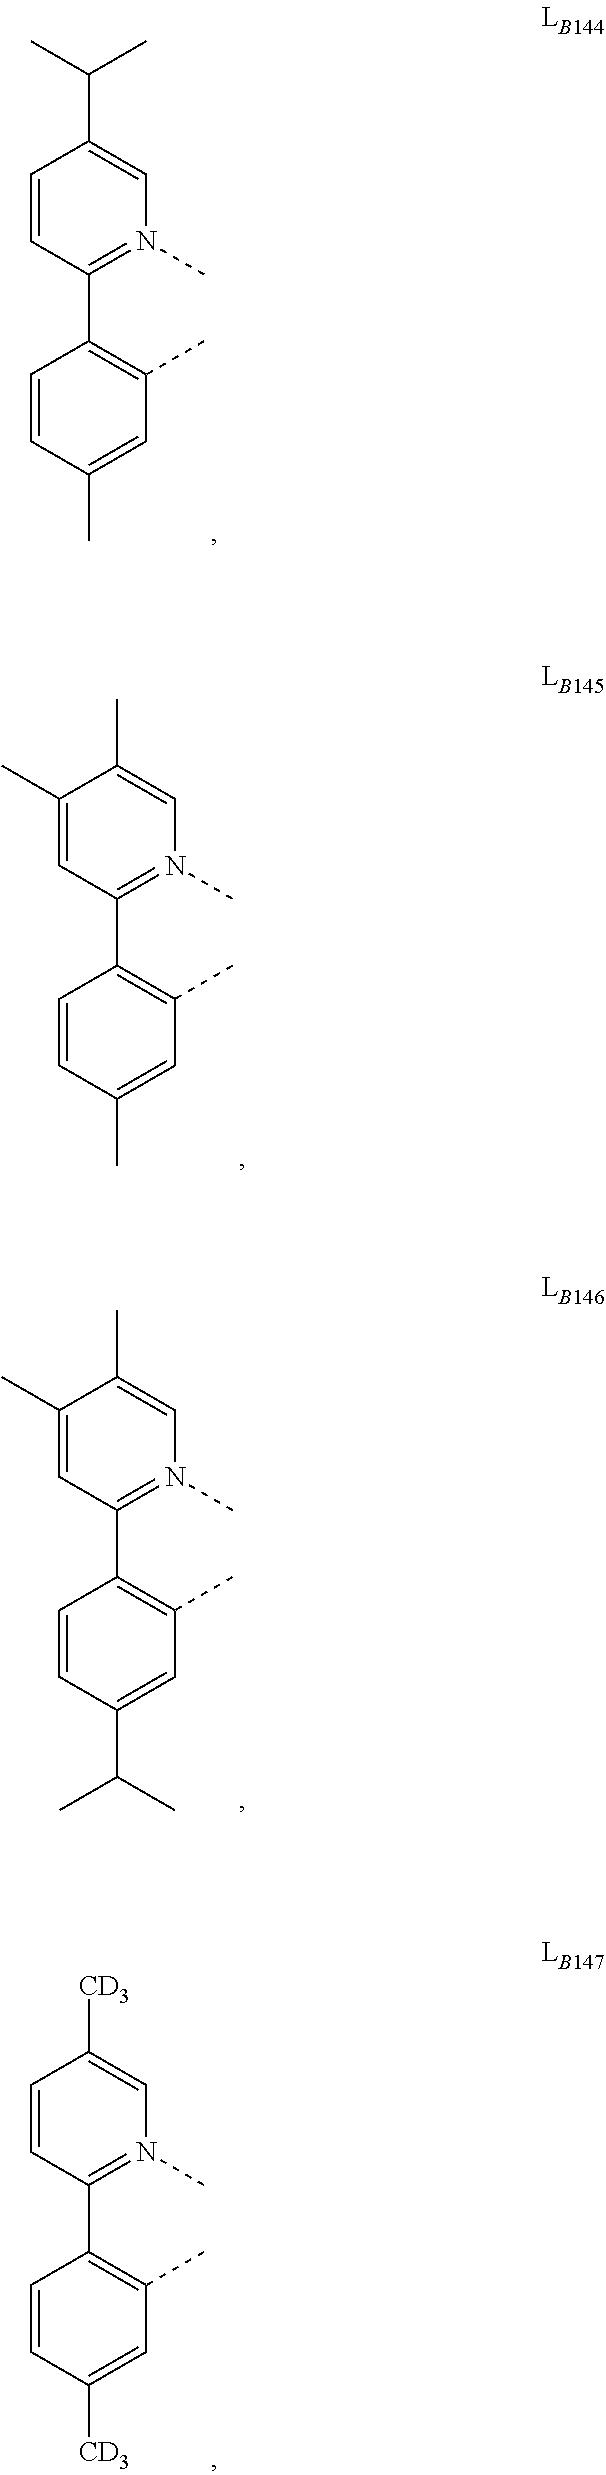 Figure US20160049599A1-20160218-C00526